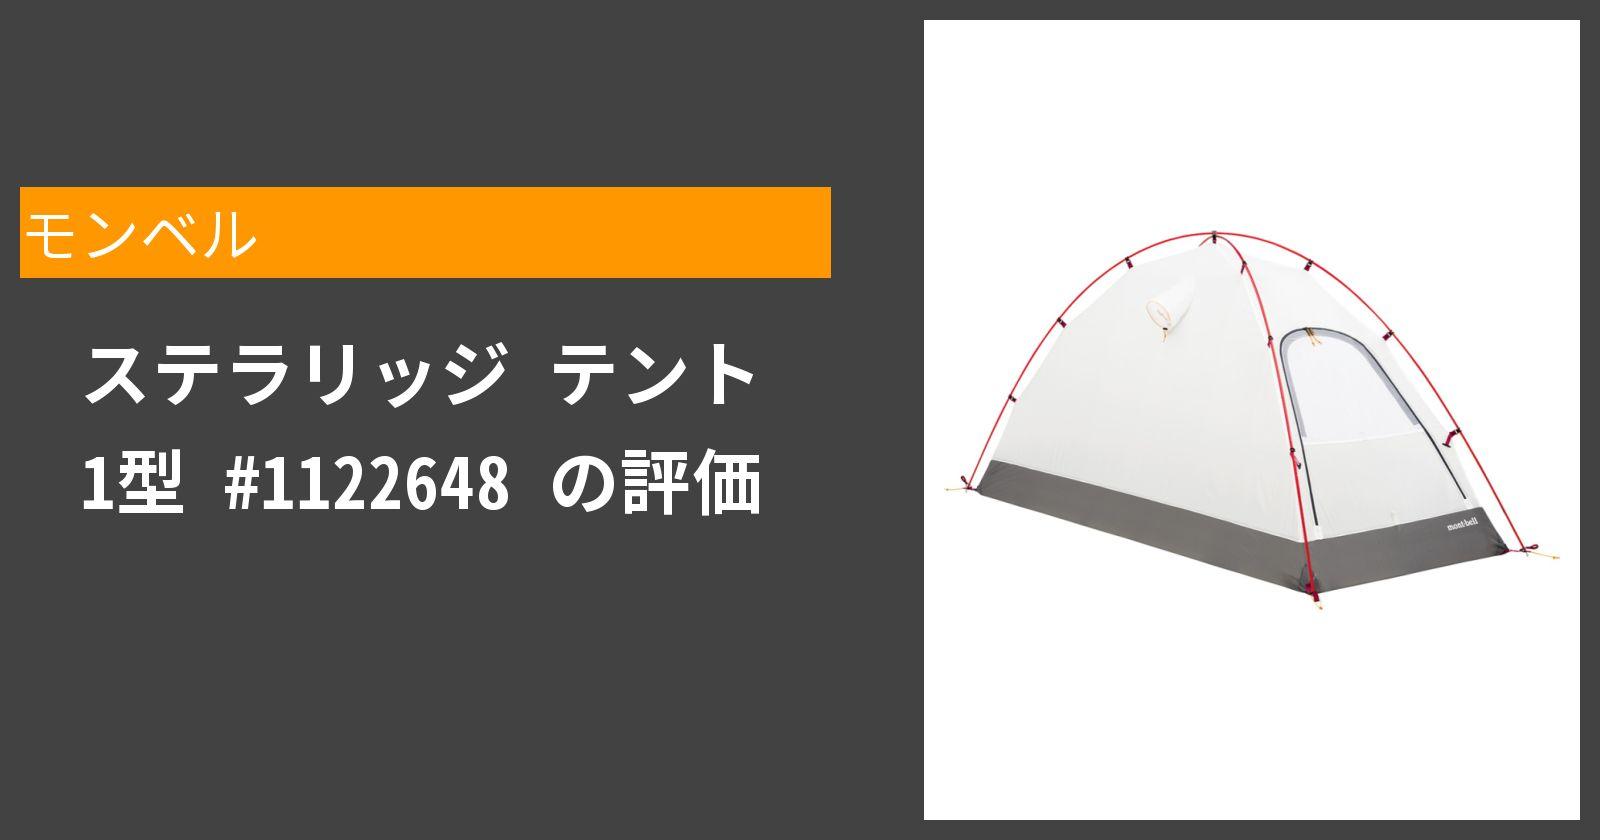 ステラリッジ テント 1型 #1122648を徹底評価